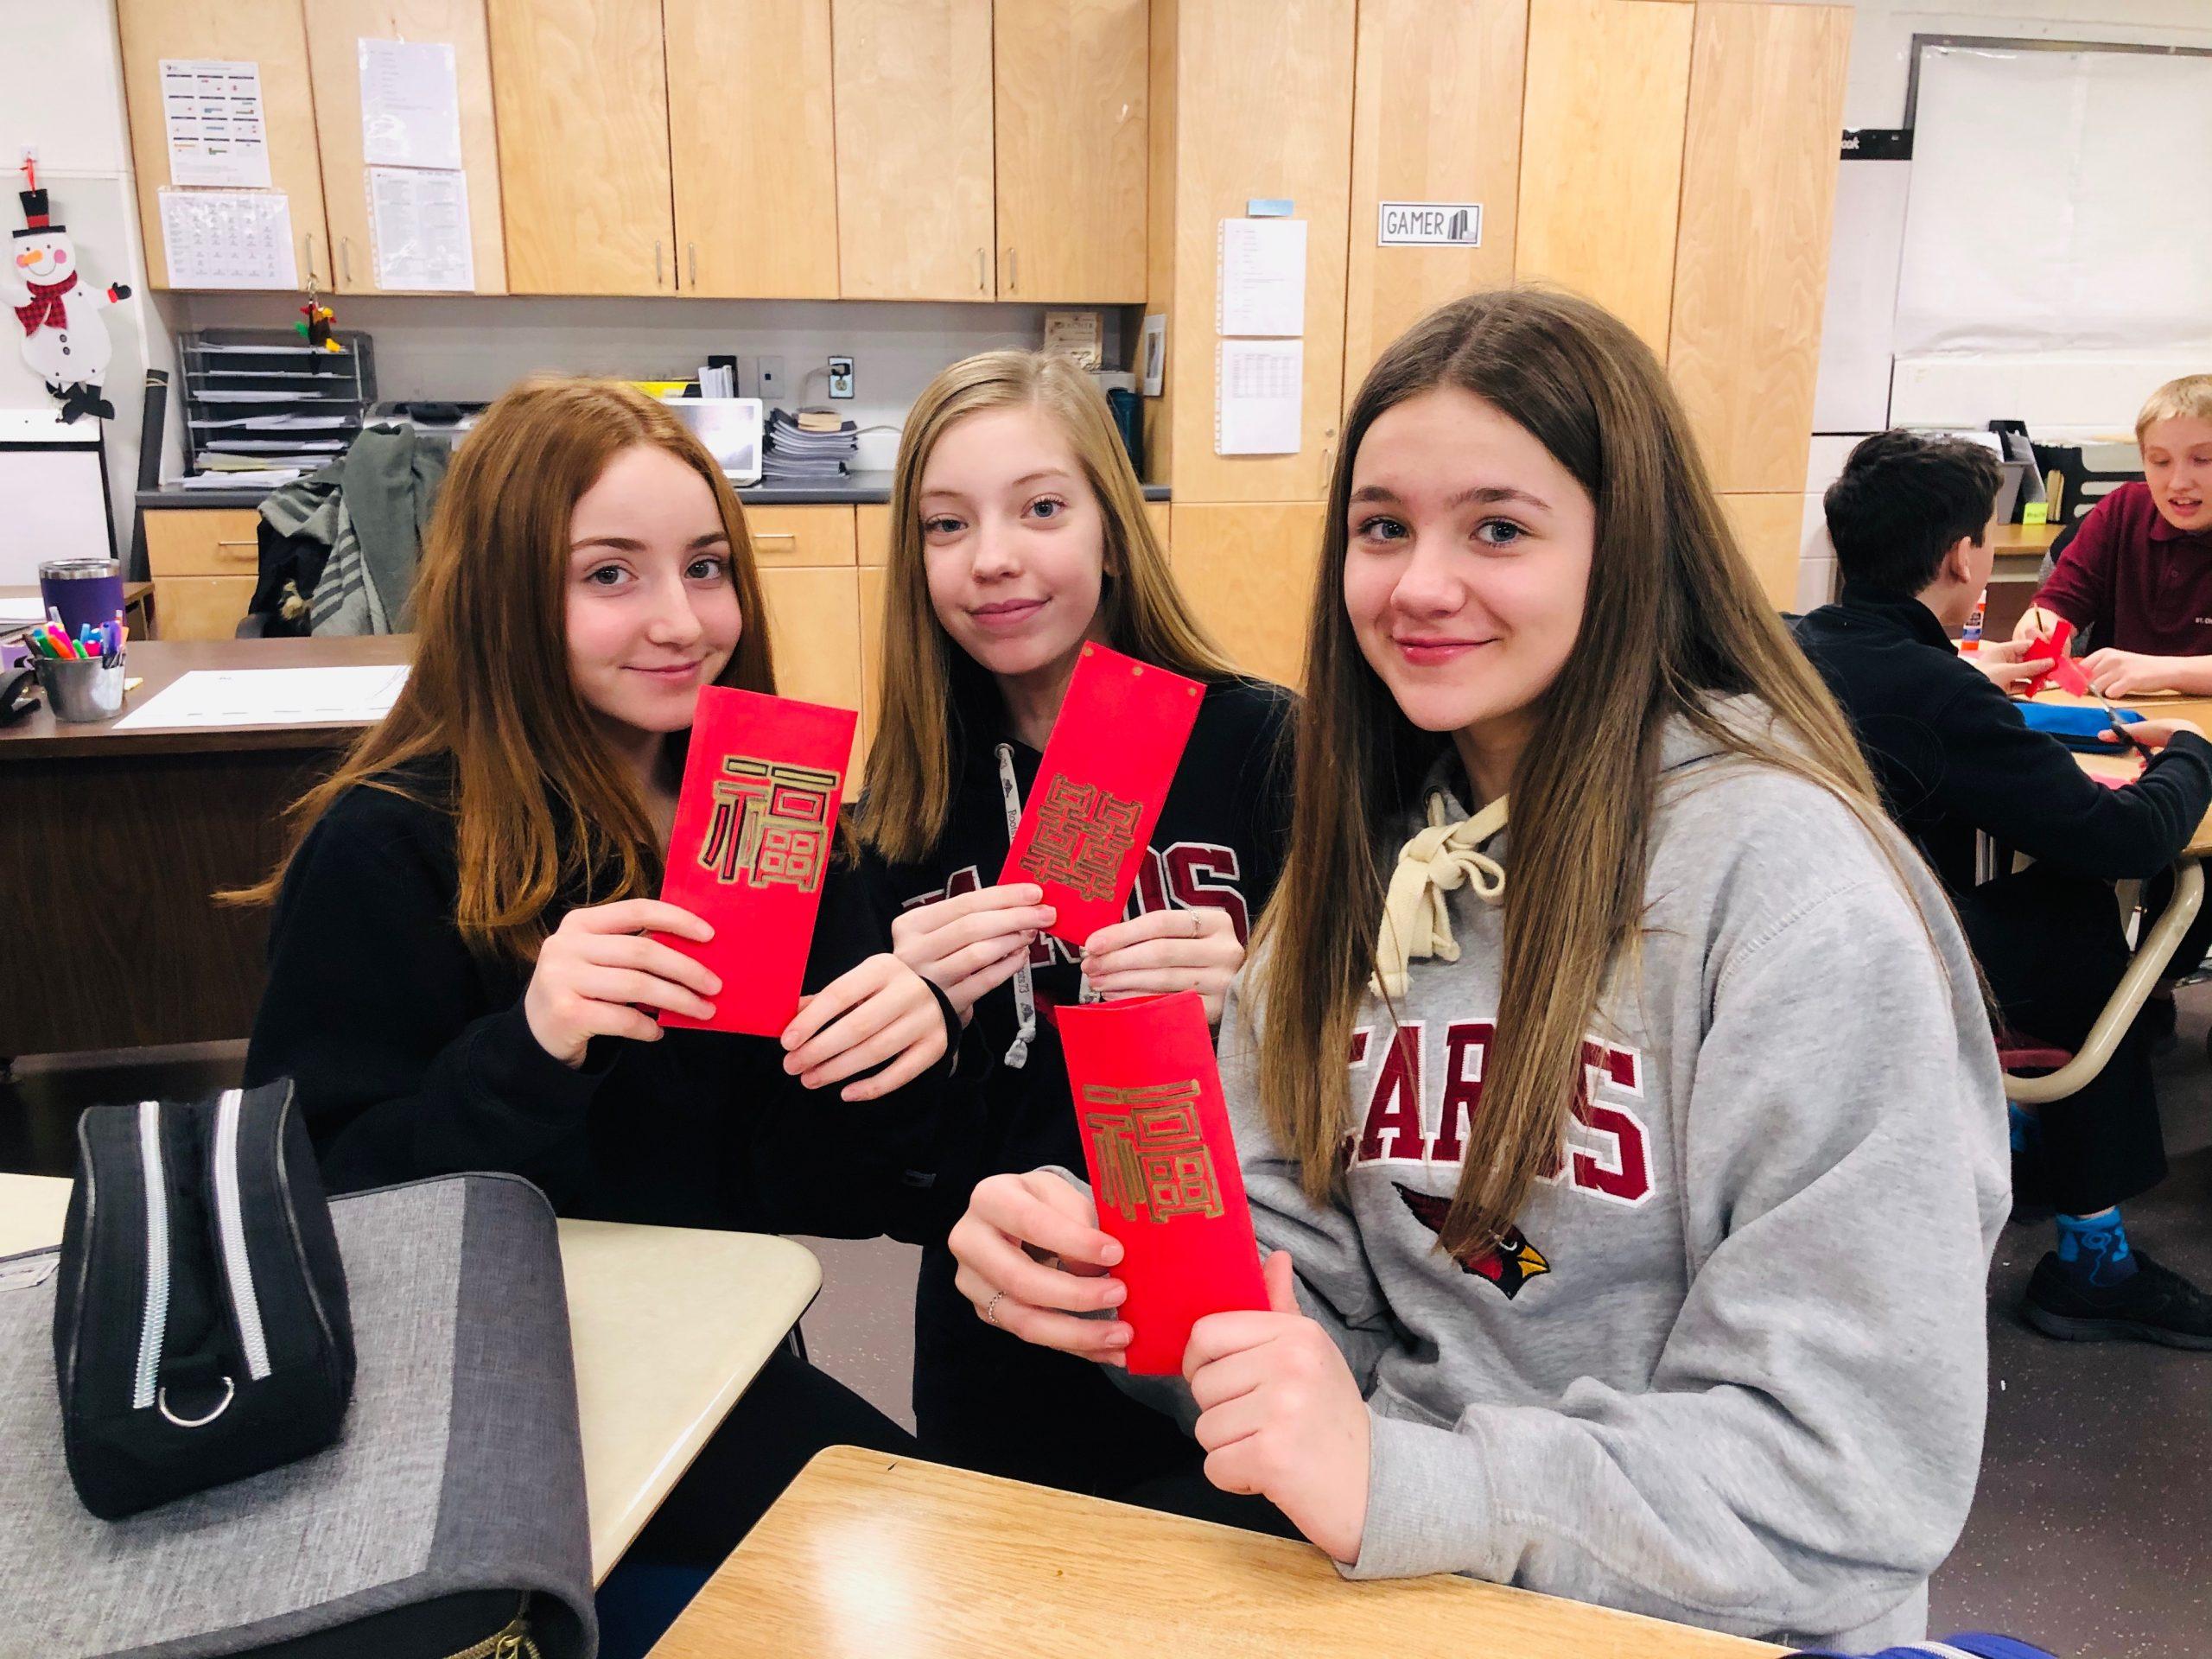 Girls hold up red envelopes